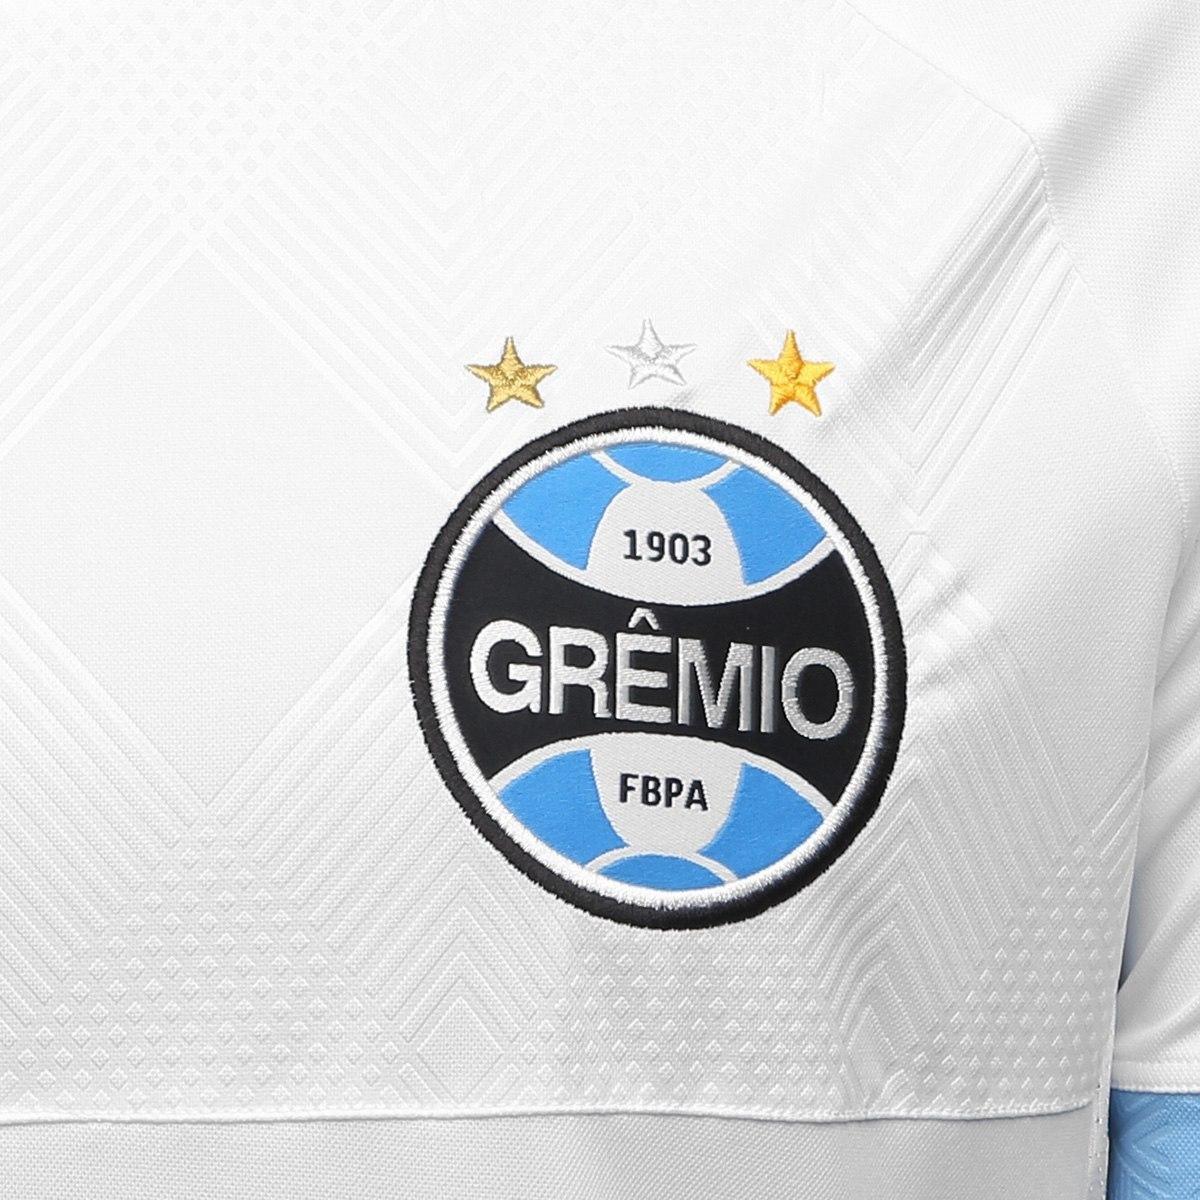 46f7e6291 Camisa Grêmio Ii 2018 S n° Torcedor Umbro Masculina - R  279